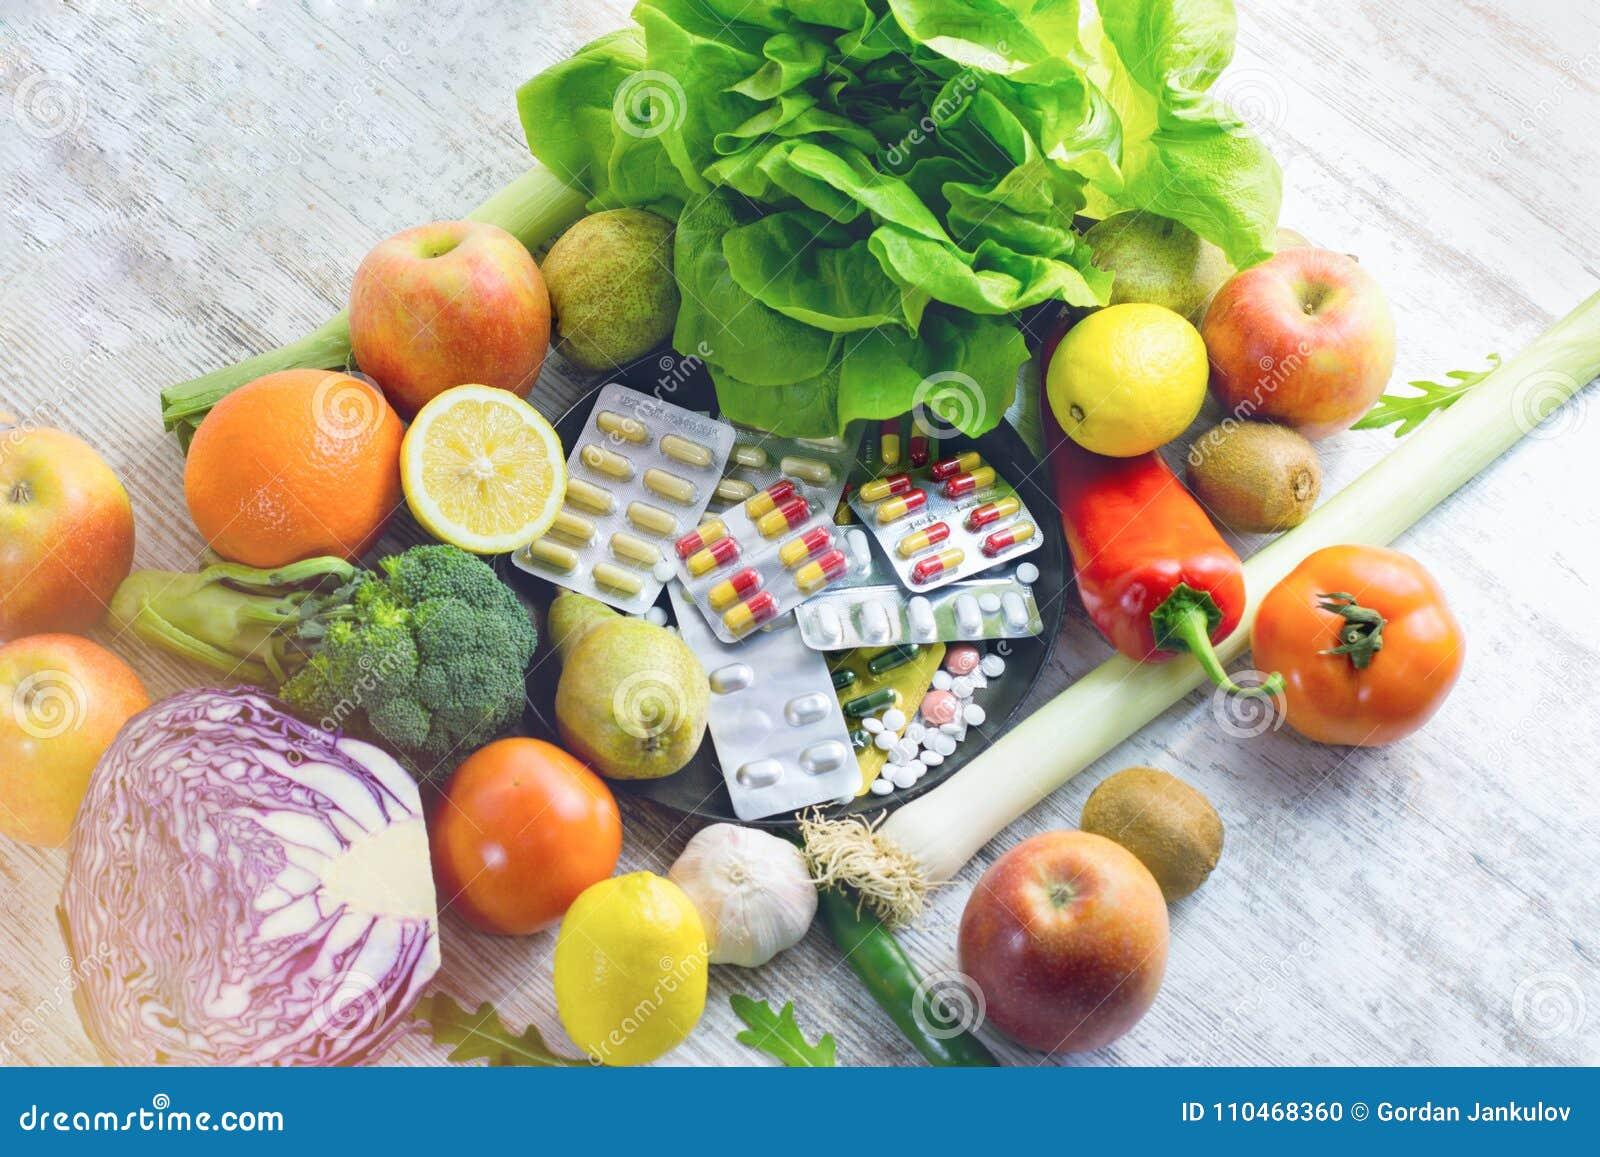 Organisches Obst Und Gemuse Und Nahrungserganzung Fur Ihre Gesunde